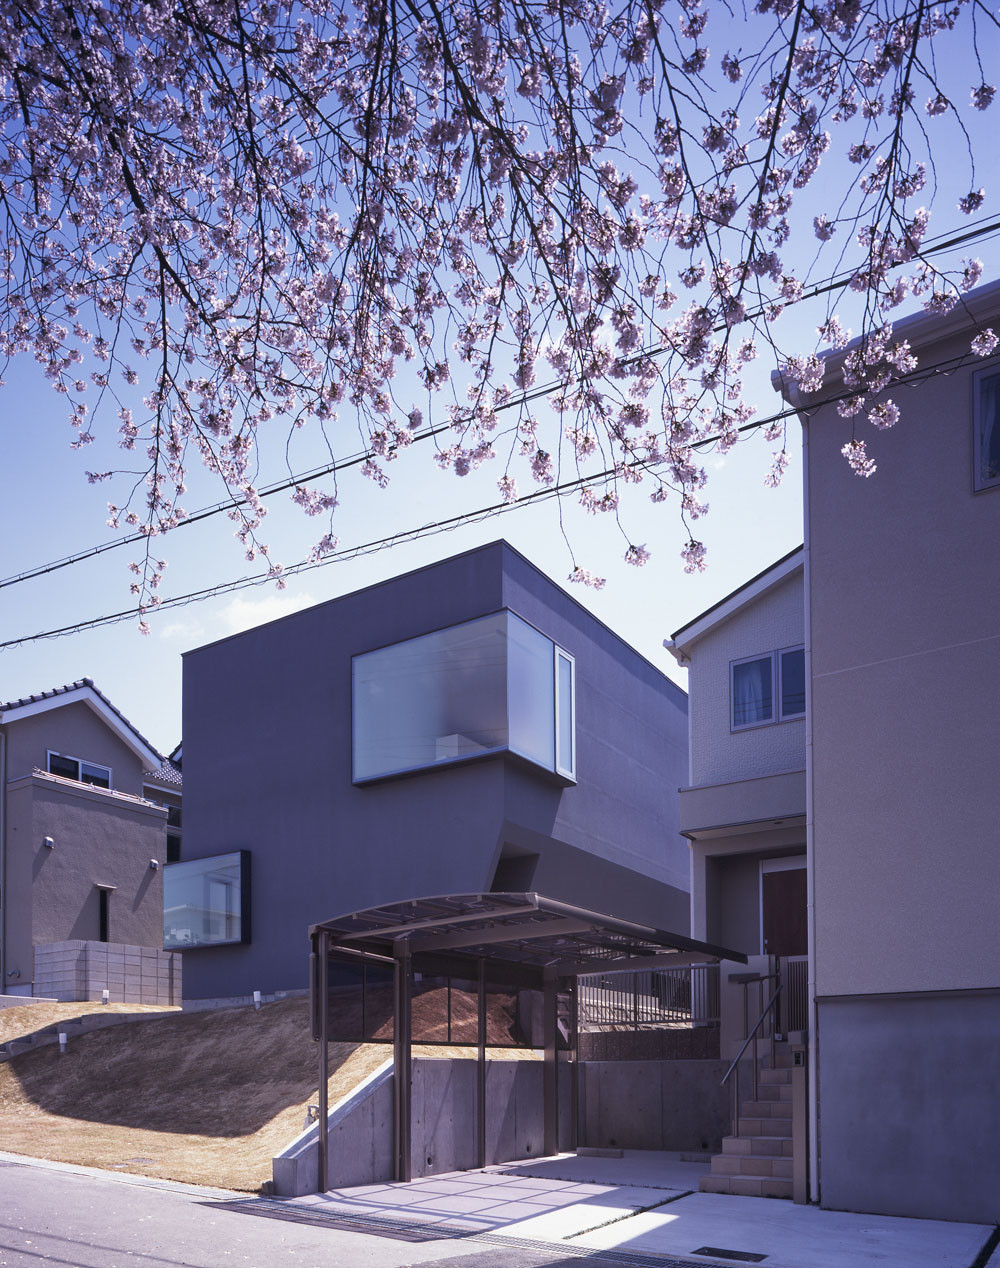 House in Suita / Horibe Naoko Architect Office, © Kaori Ichikawa